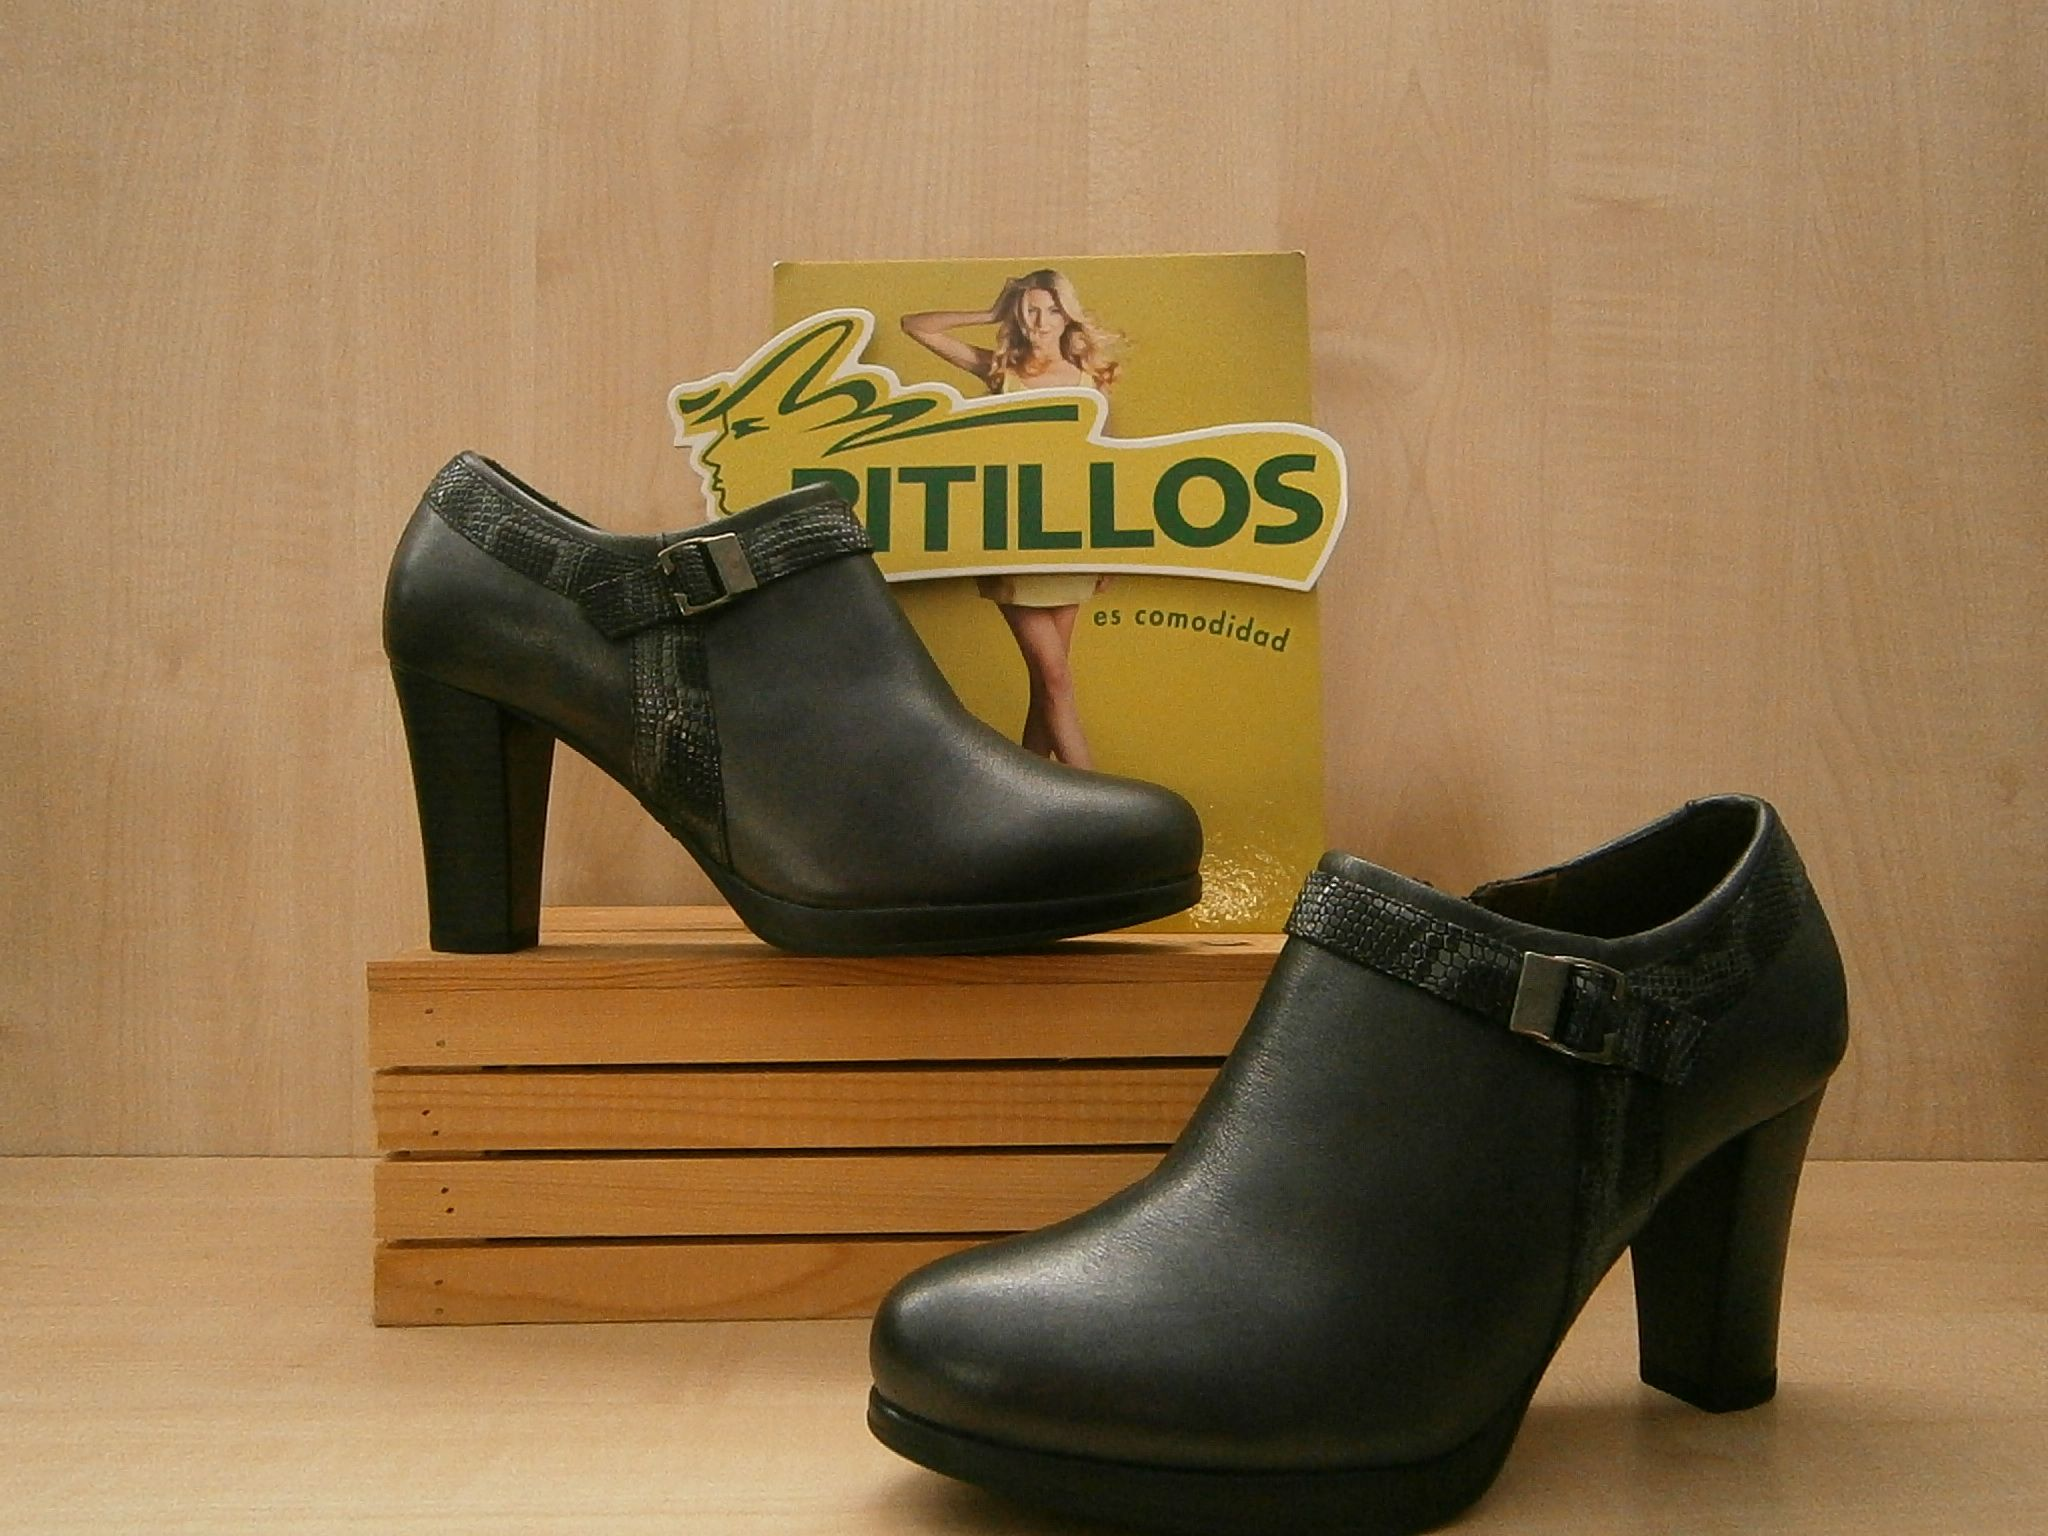 e1dc3ddec79 Zapato abotinado de Pitillos en color negro humo, con plataforma y tacón de  7cm, para que vayas cómoda.